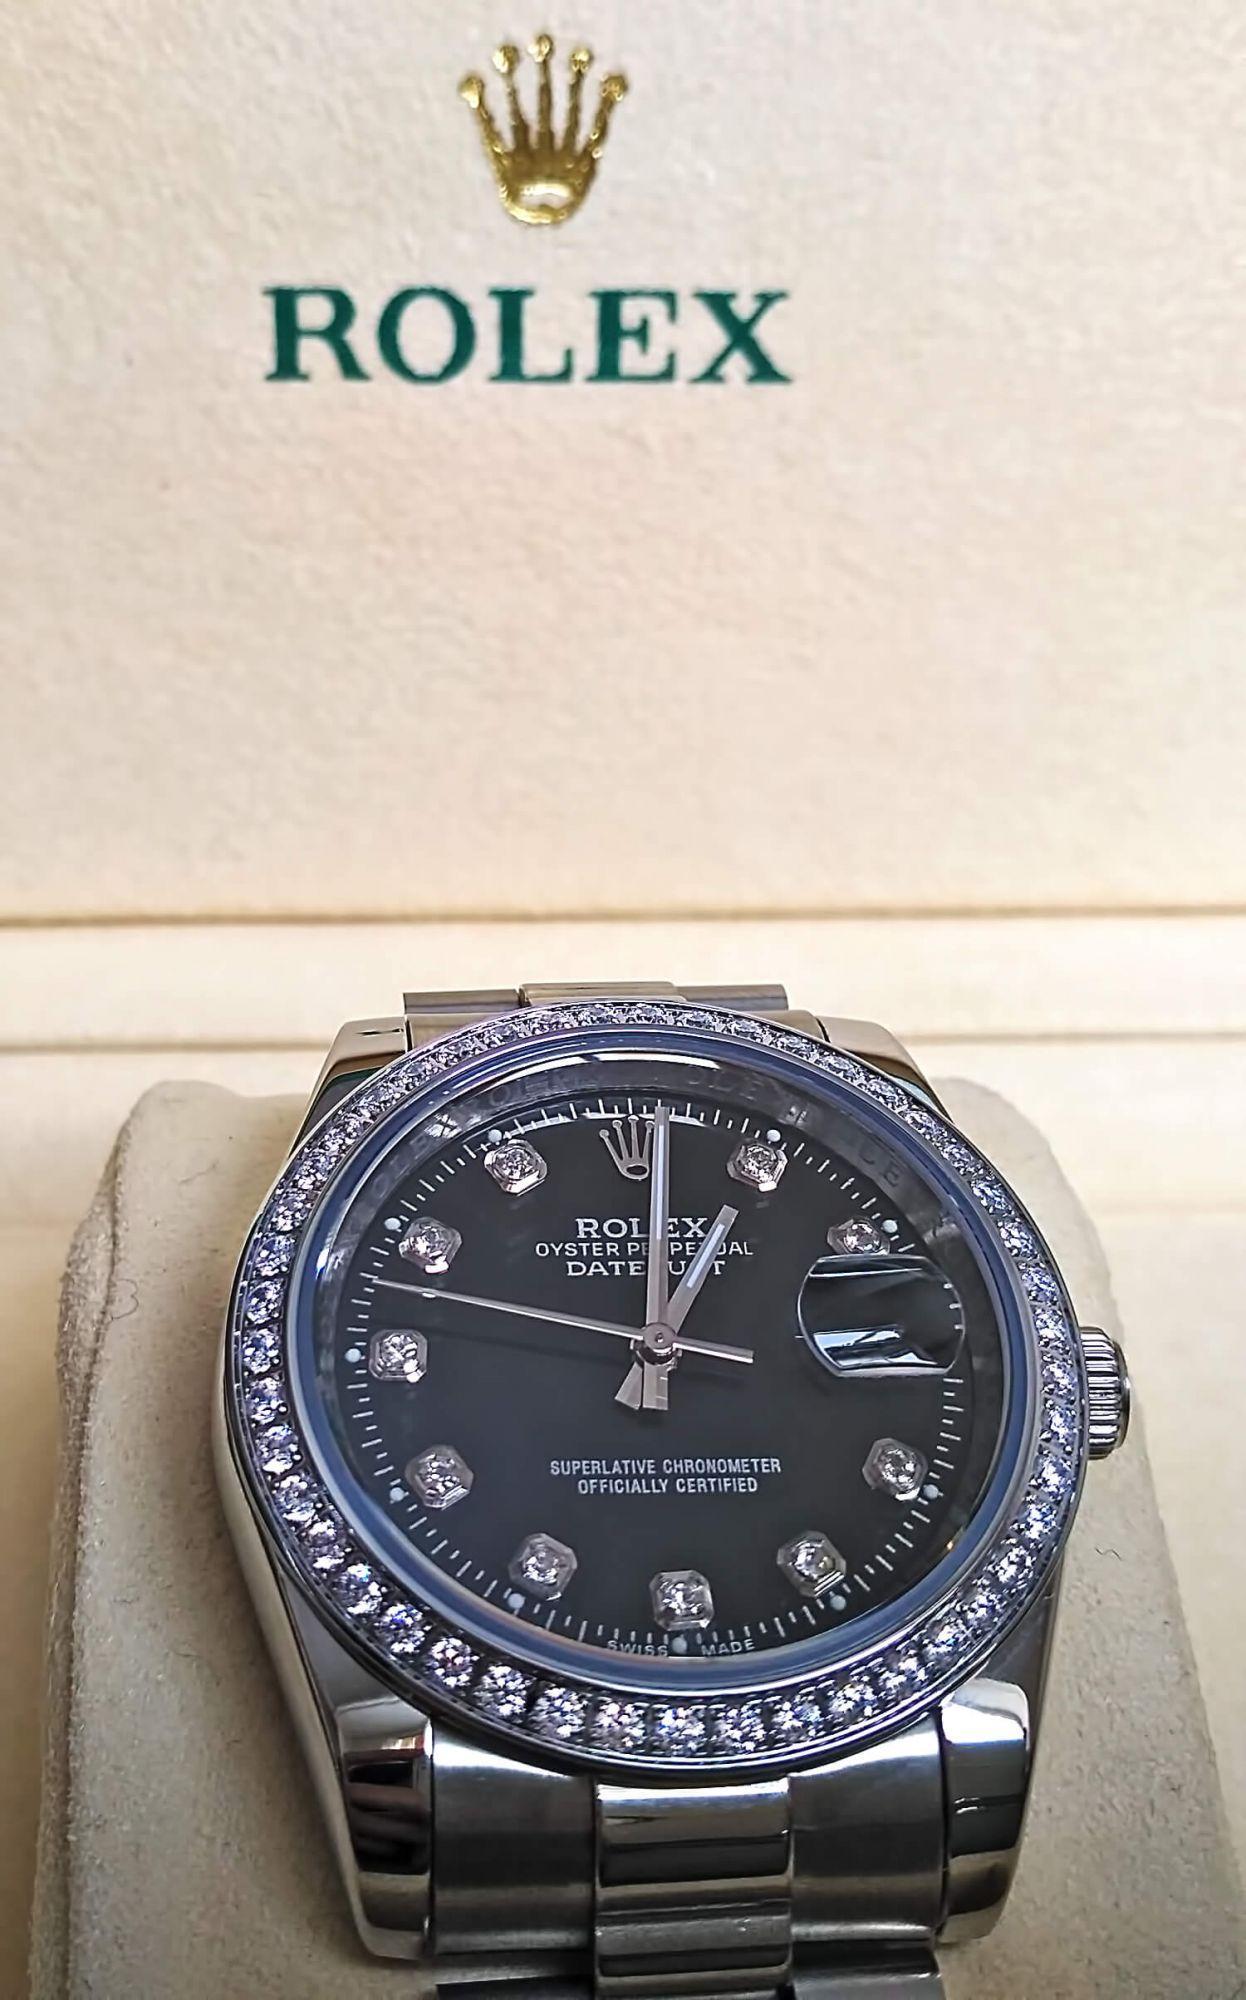 Часы Rolex Oyster Datejust - образец классического дизайна